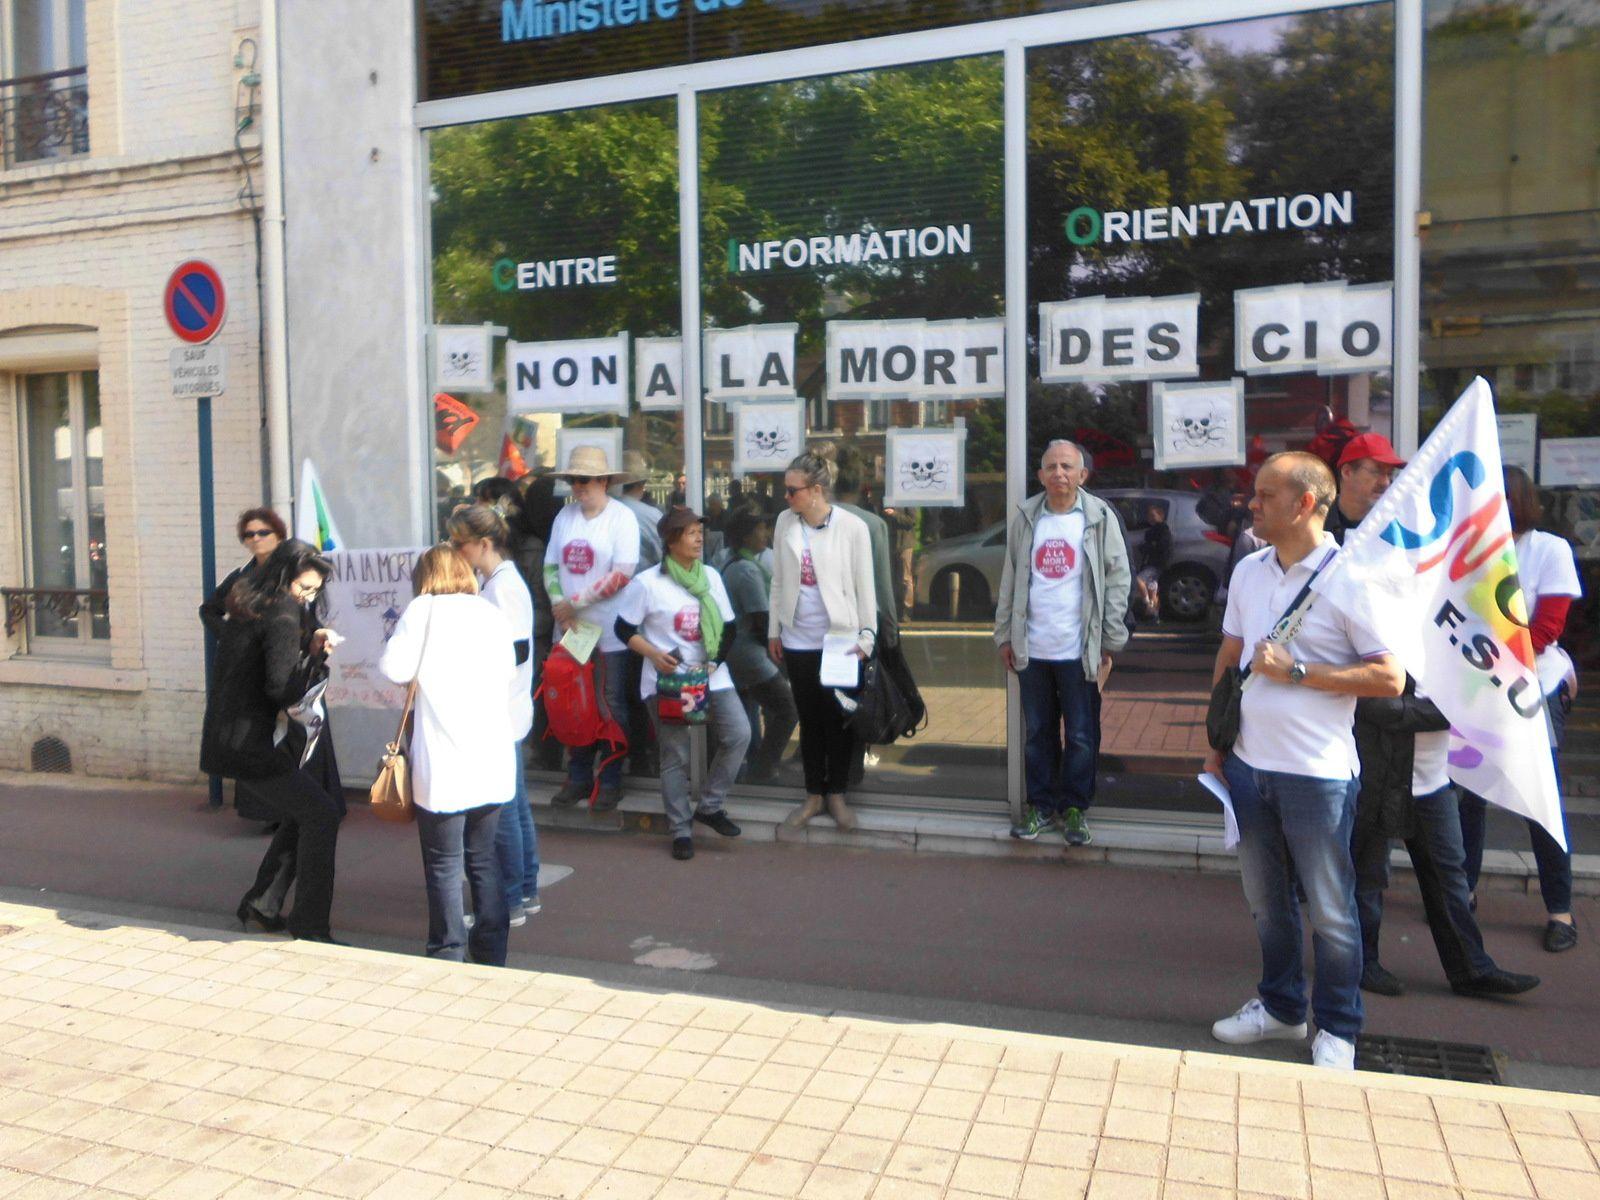 22 mars à Mantes-la-Jolie. Manifestations au pluriel pour défendre le service public